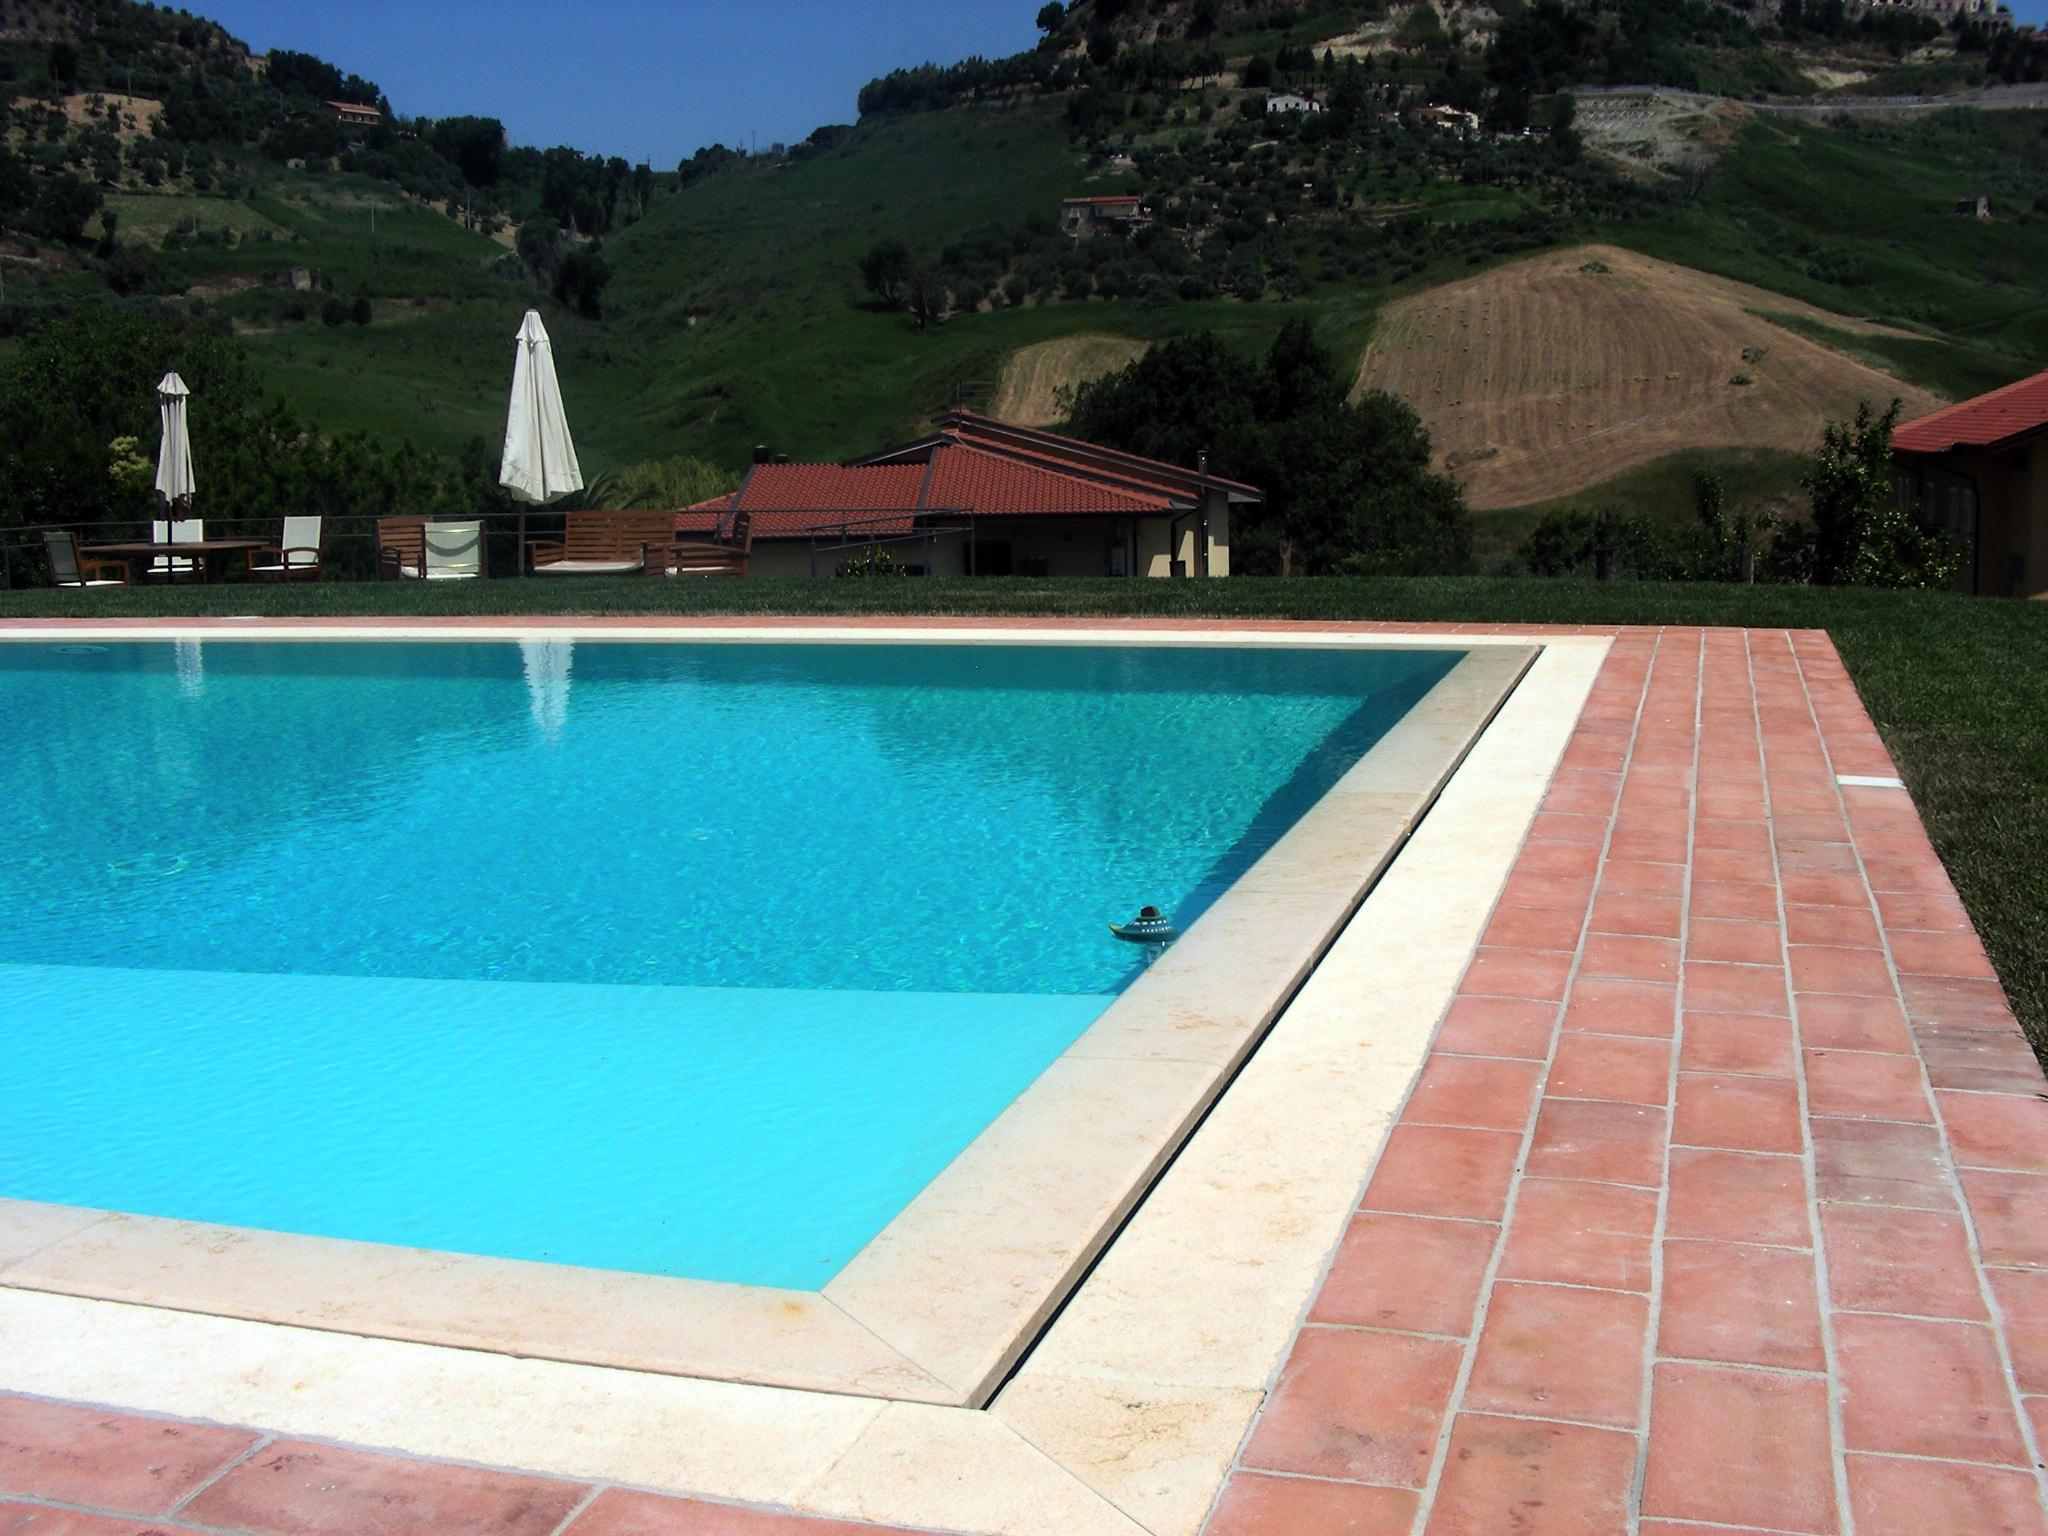 Tipologie di piscina cwt piscine - Bordo piscina prezzi ...